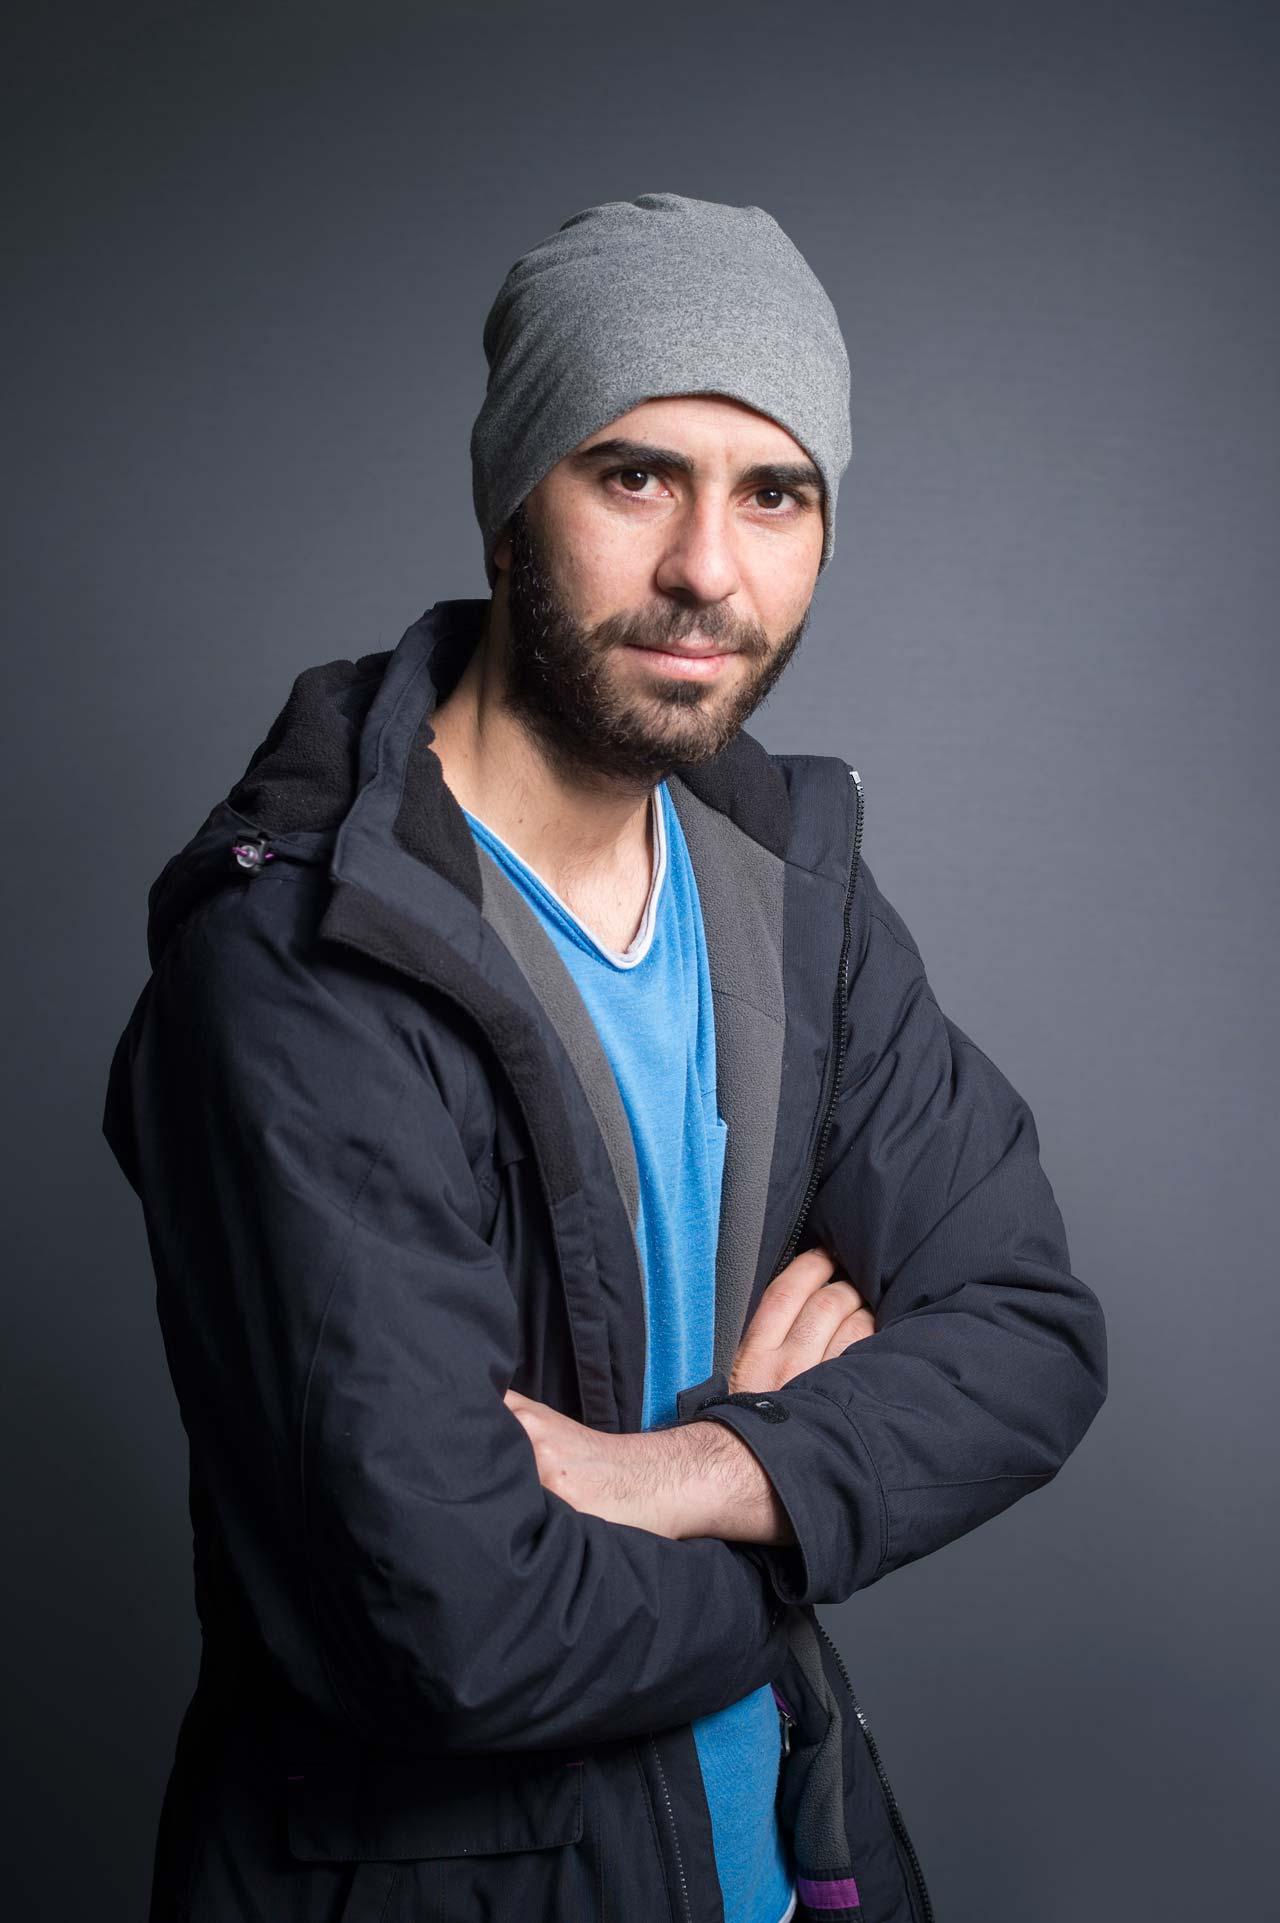 Aus der Serie »Auf der Flucht«. Hasan Kuncisufyanv ist 22 Jahre alt und musste als Jeside aus dem Irak fliehen. Foto: Andreas Buck